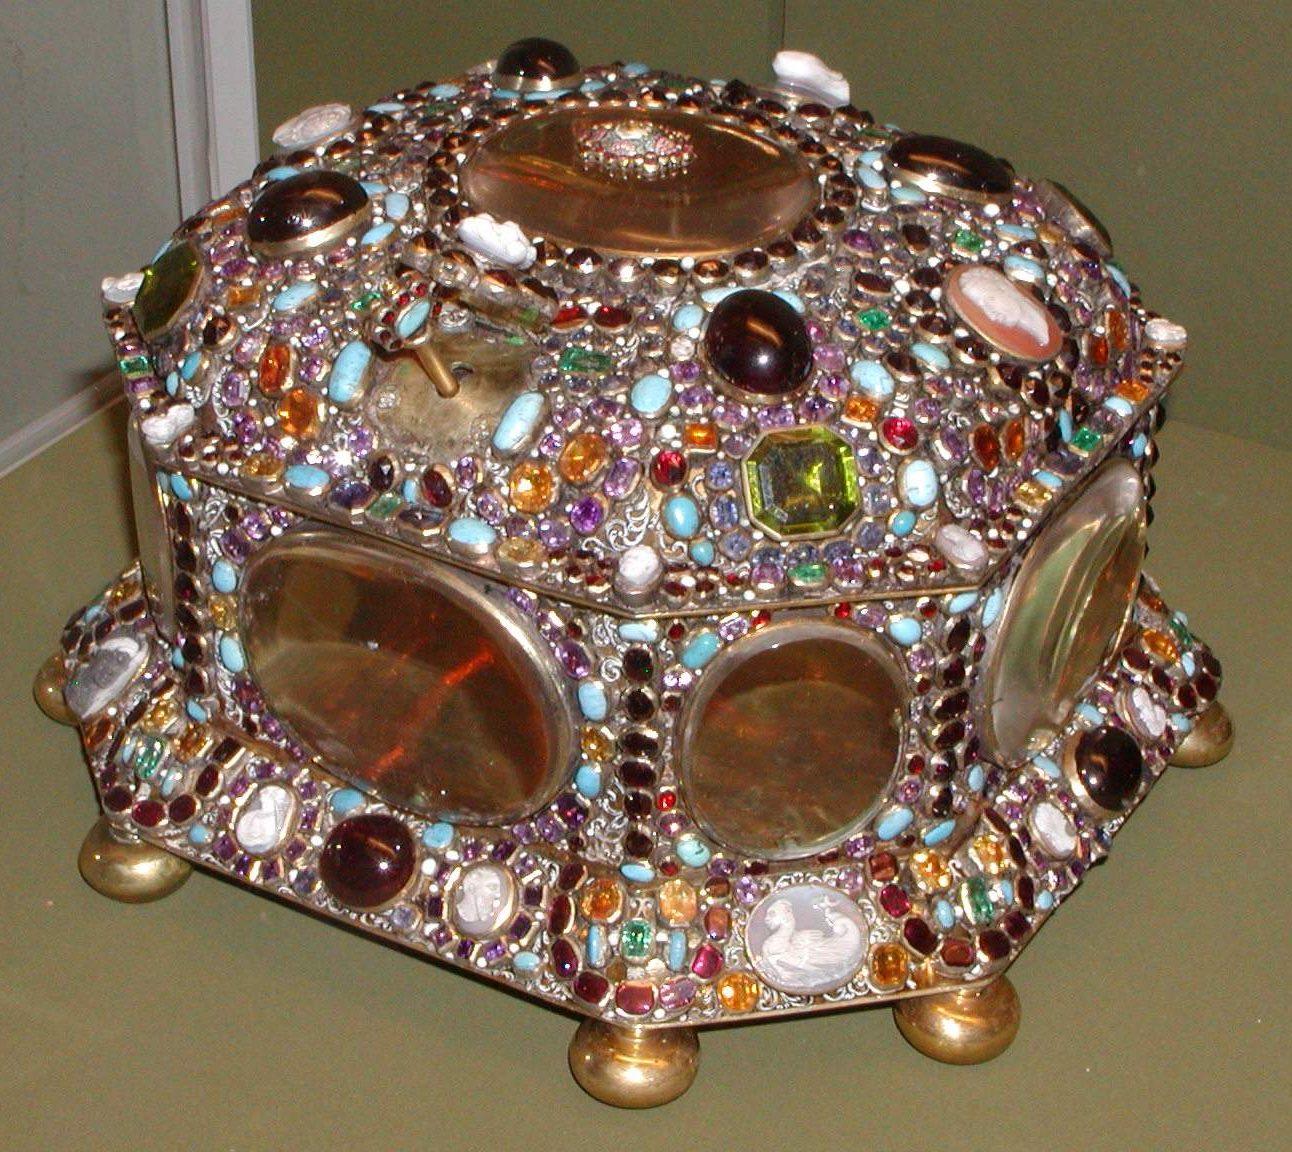 Juwelenkist, einde 17e eeuw. Juwelen! Schitteren aan het Russische hof, Hermitage, Amsterdam, 2019. Foto met dank aan State Hermitage Museum, St Petersburg©